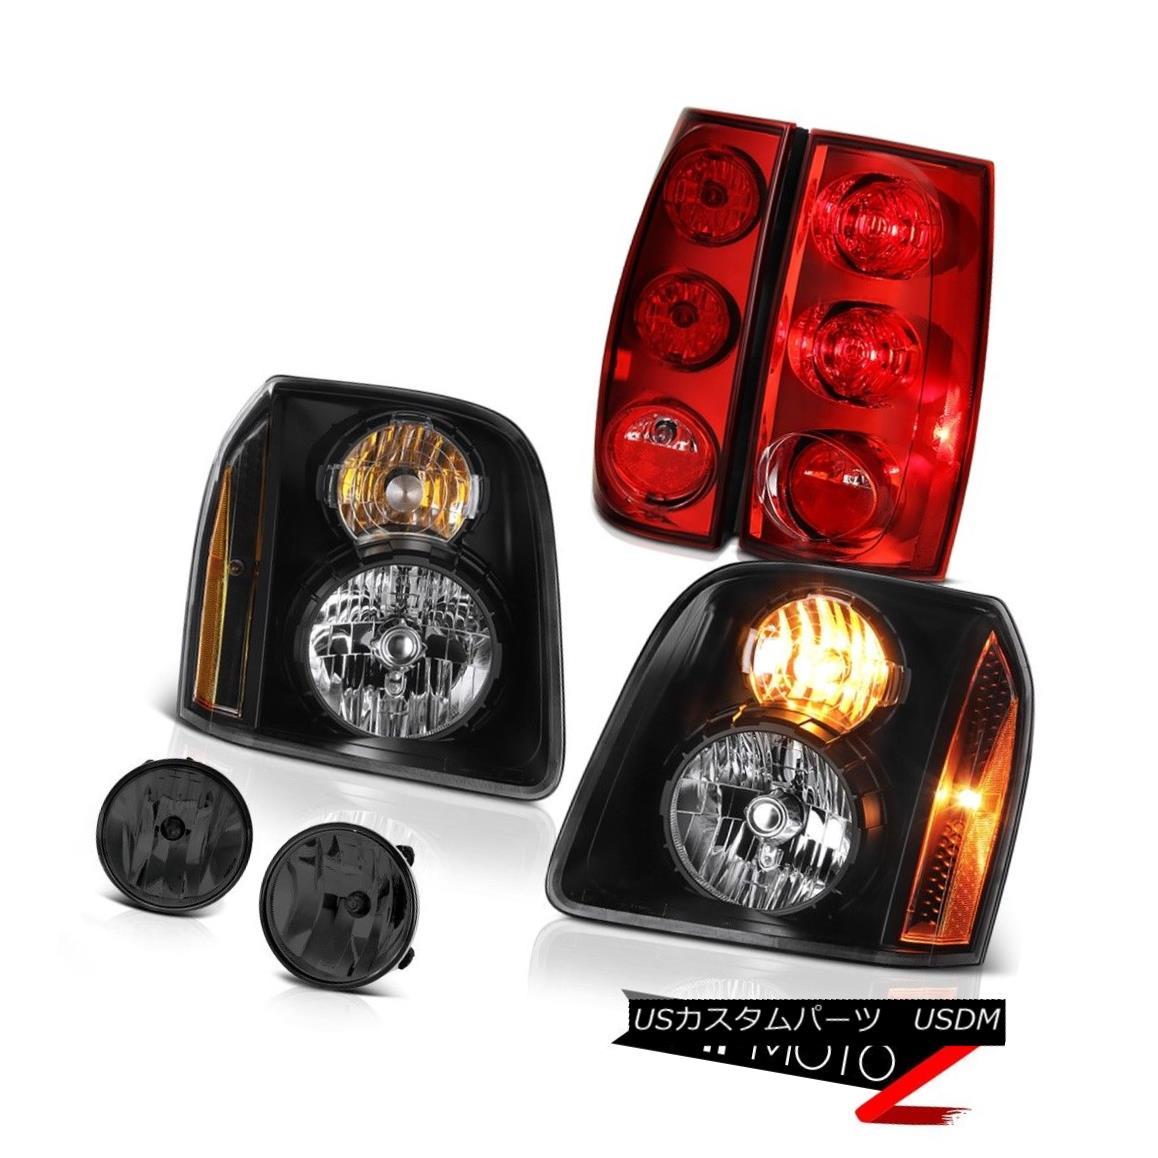 テールライト 07-14 GMC Yukon SLT Phantom Smoke Foglamps Tail Lights Black Headlamps OE Style 07-14 GMCユーコンSLTファントムスモークフォグランプテールライトブラックヘッドランプOEスタイル